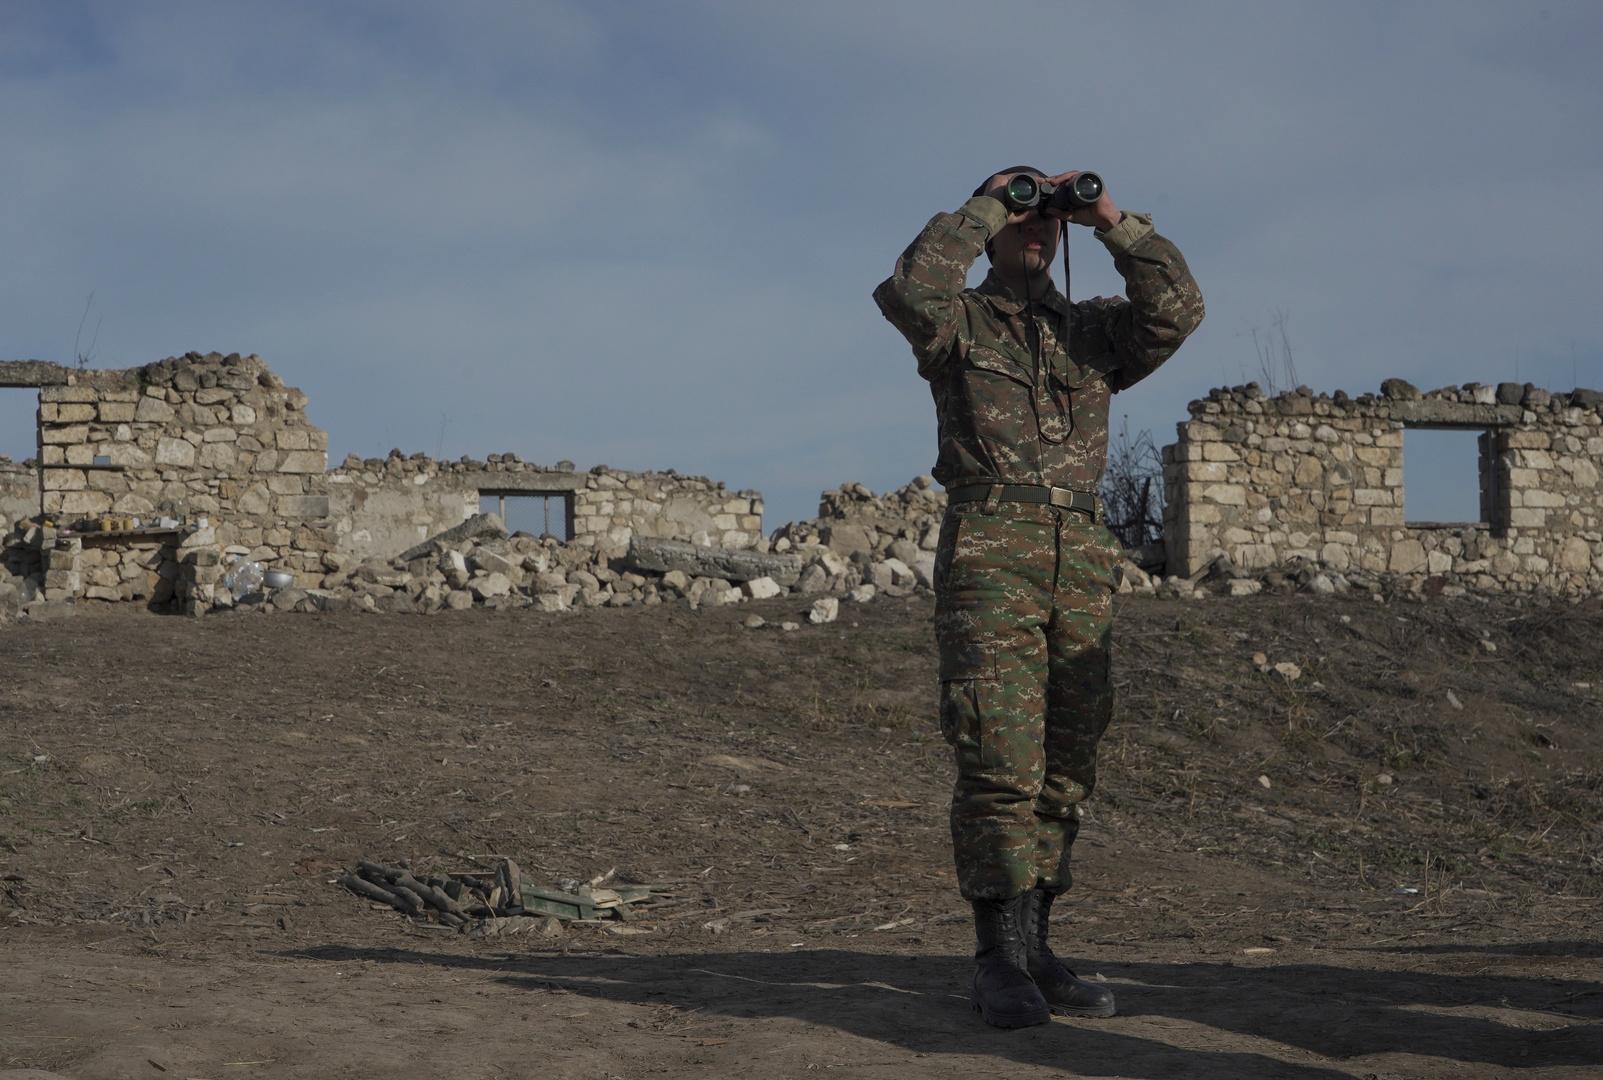 وزارة الدفاع الأرمنية: إطلاق نار من قبل القوات الأذربيجانية على الحدود